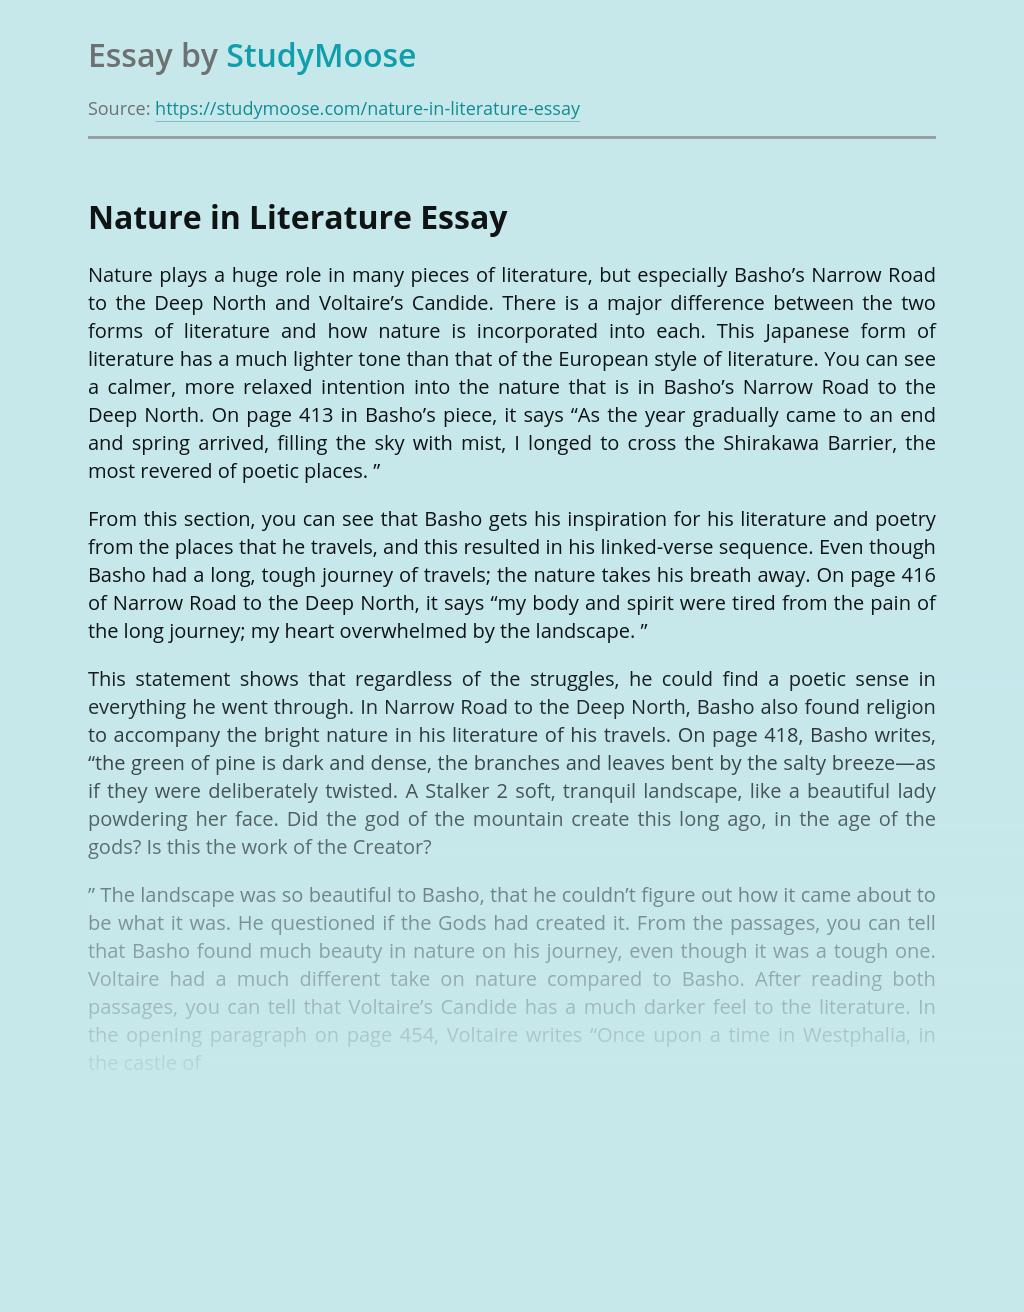 Nature in Literature